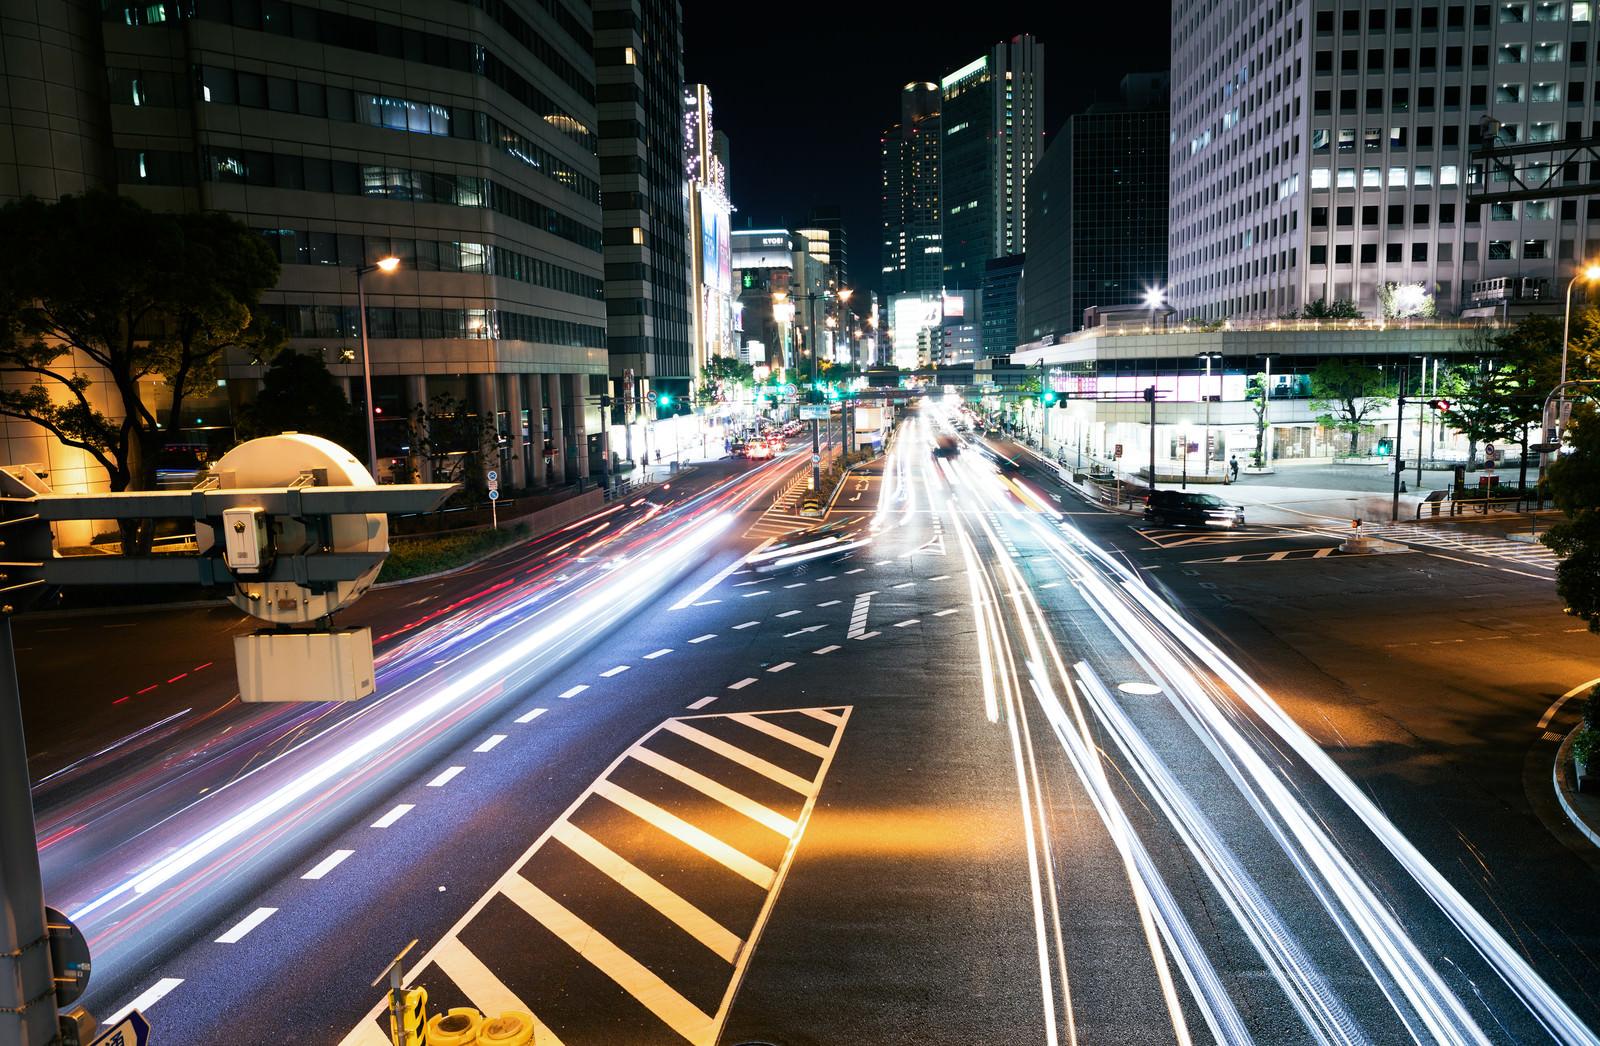 「直進する車の光跡」の写真